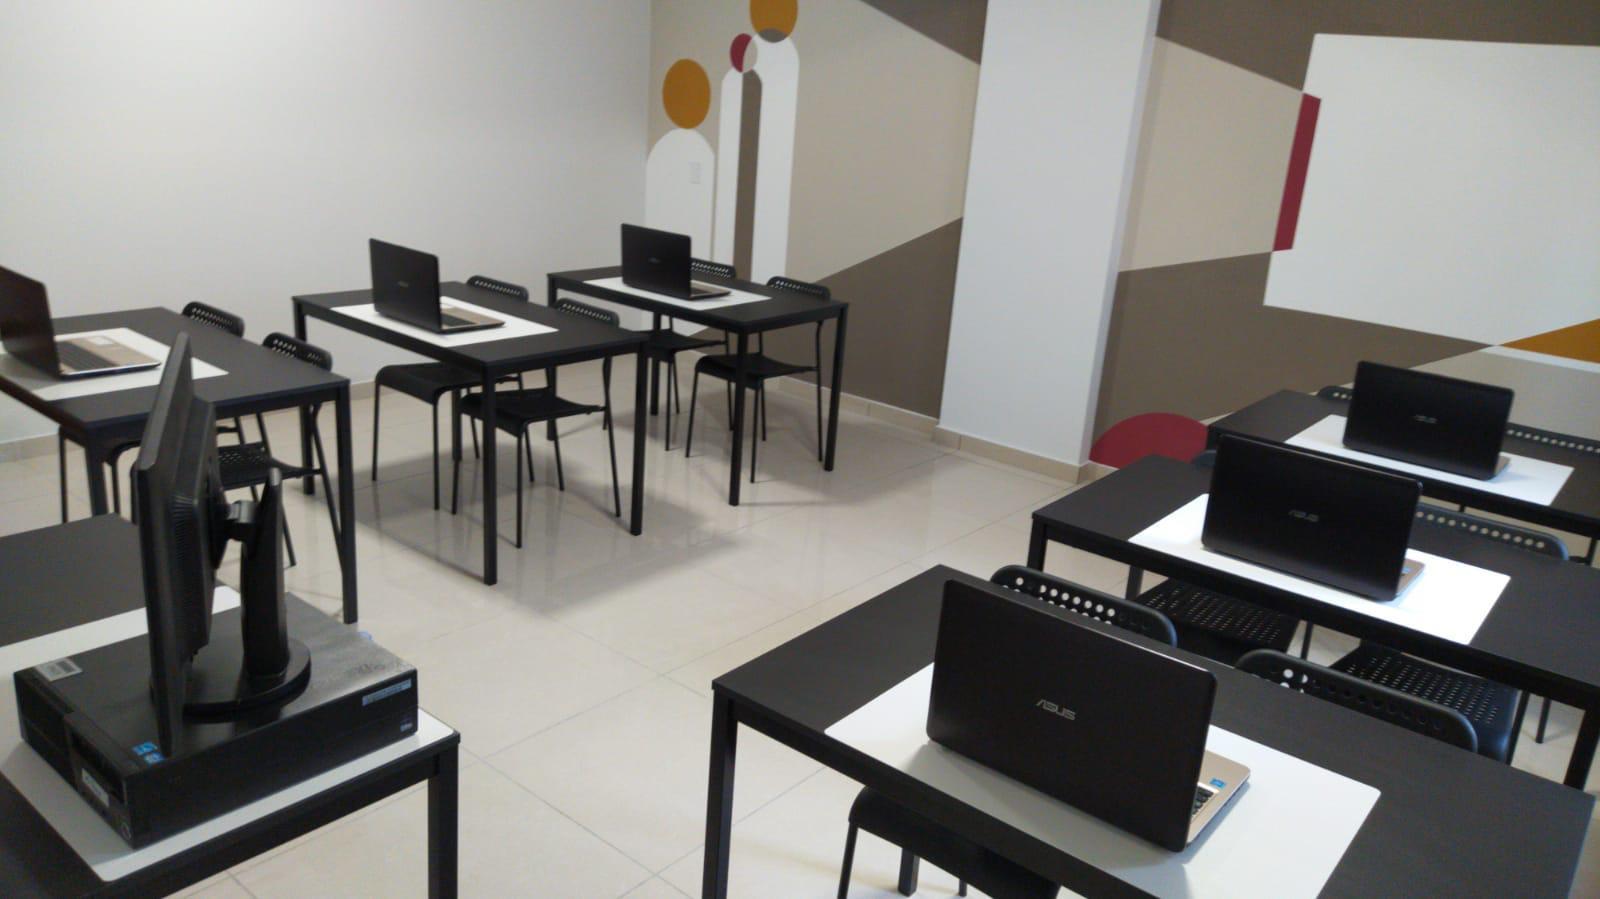 Barcellona PG. Nasce il centro per la preparazione universitaria 'TF School', domani l'apertura